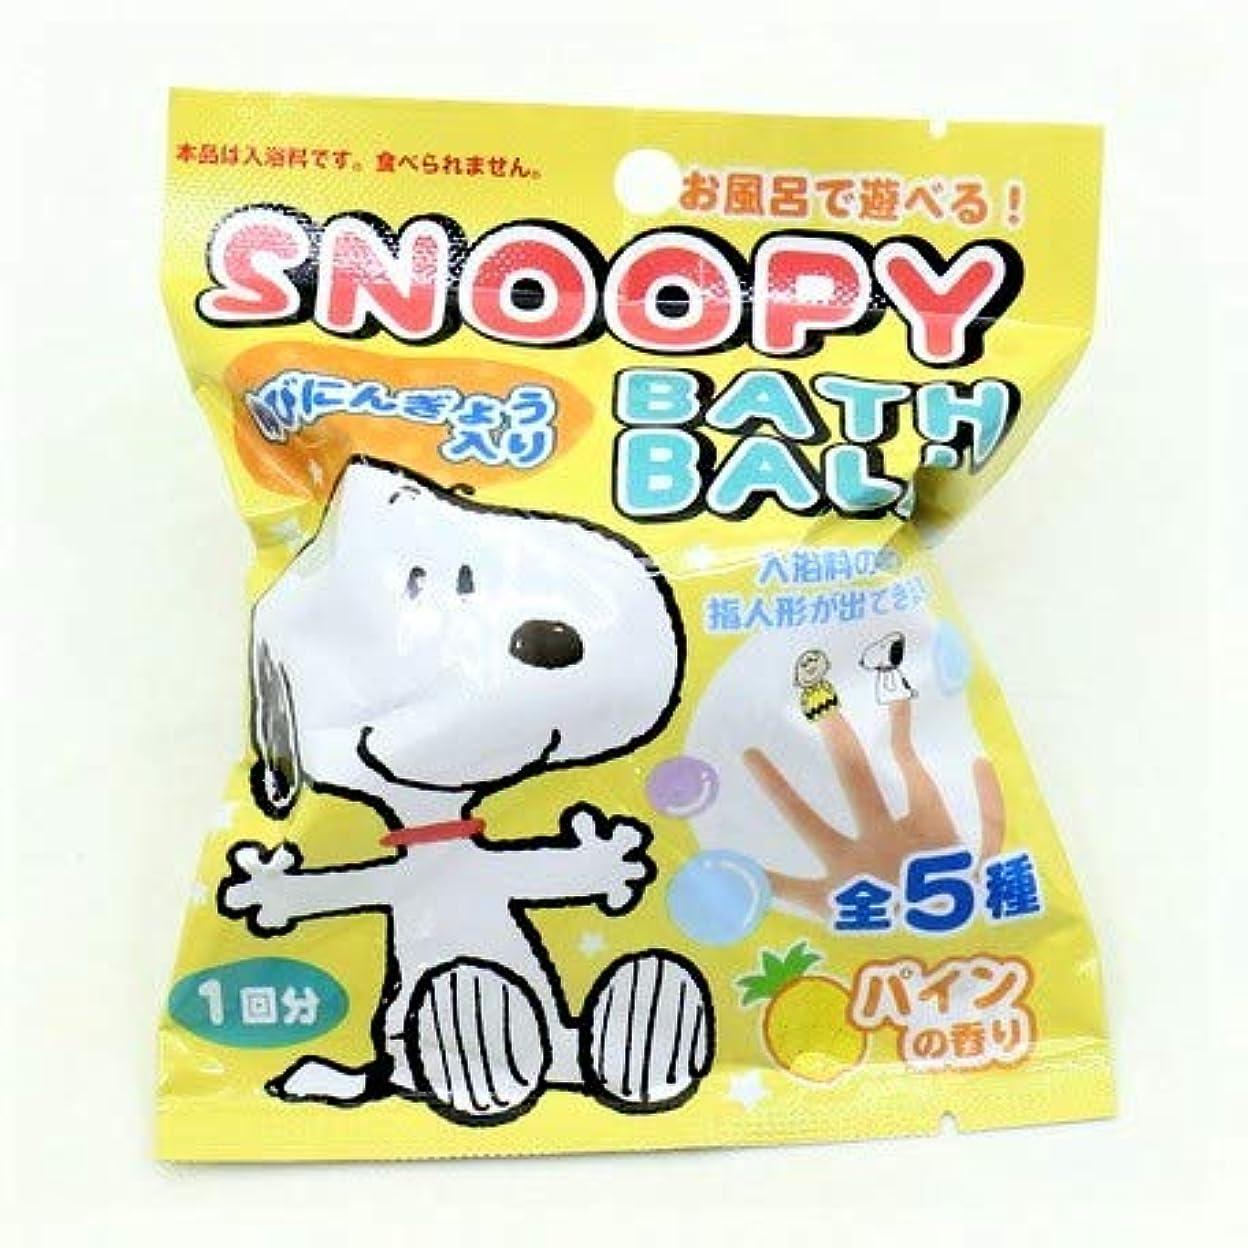 事業内容喜ぶしつけスヌーピー バスボール 入浴剤 パインの香り 6個1セット 指人形 Snoopy